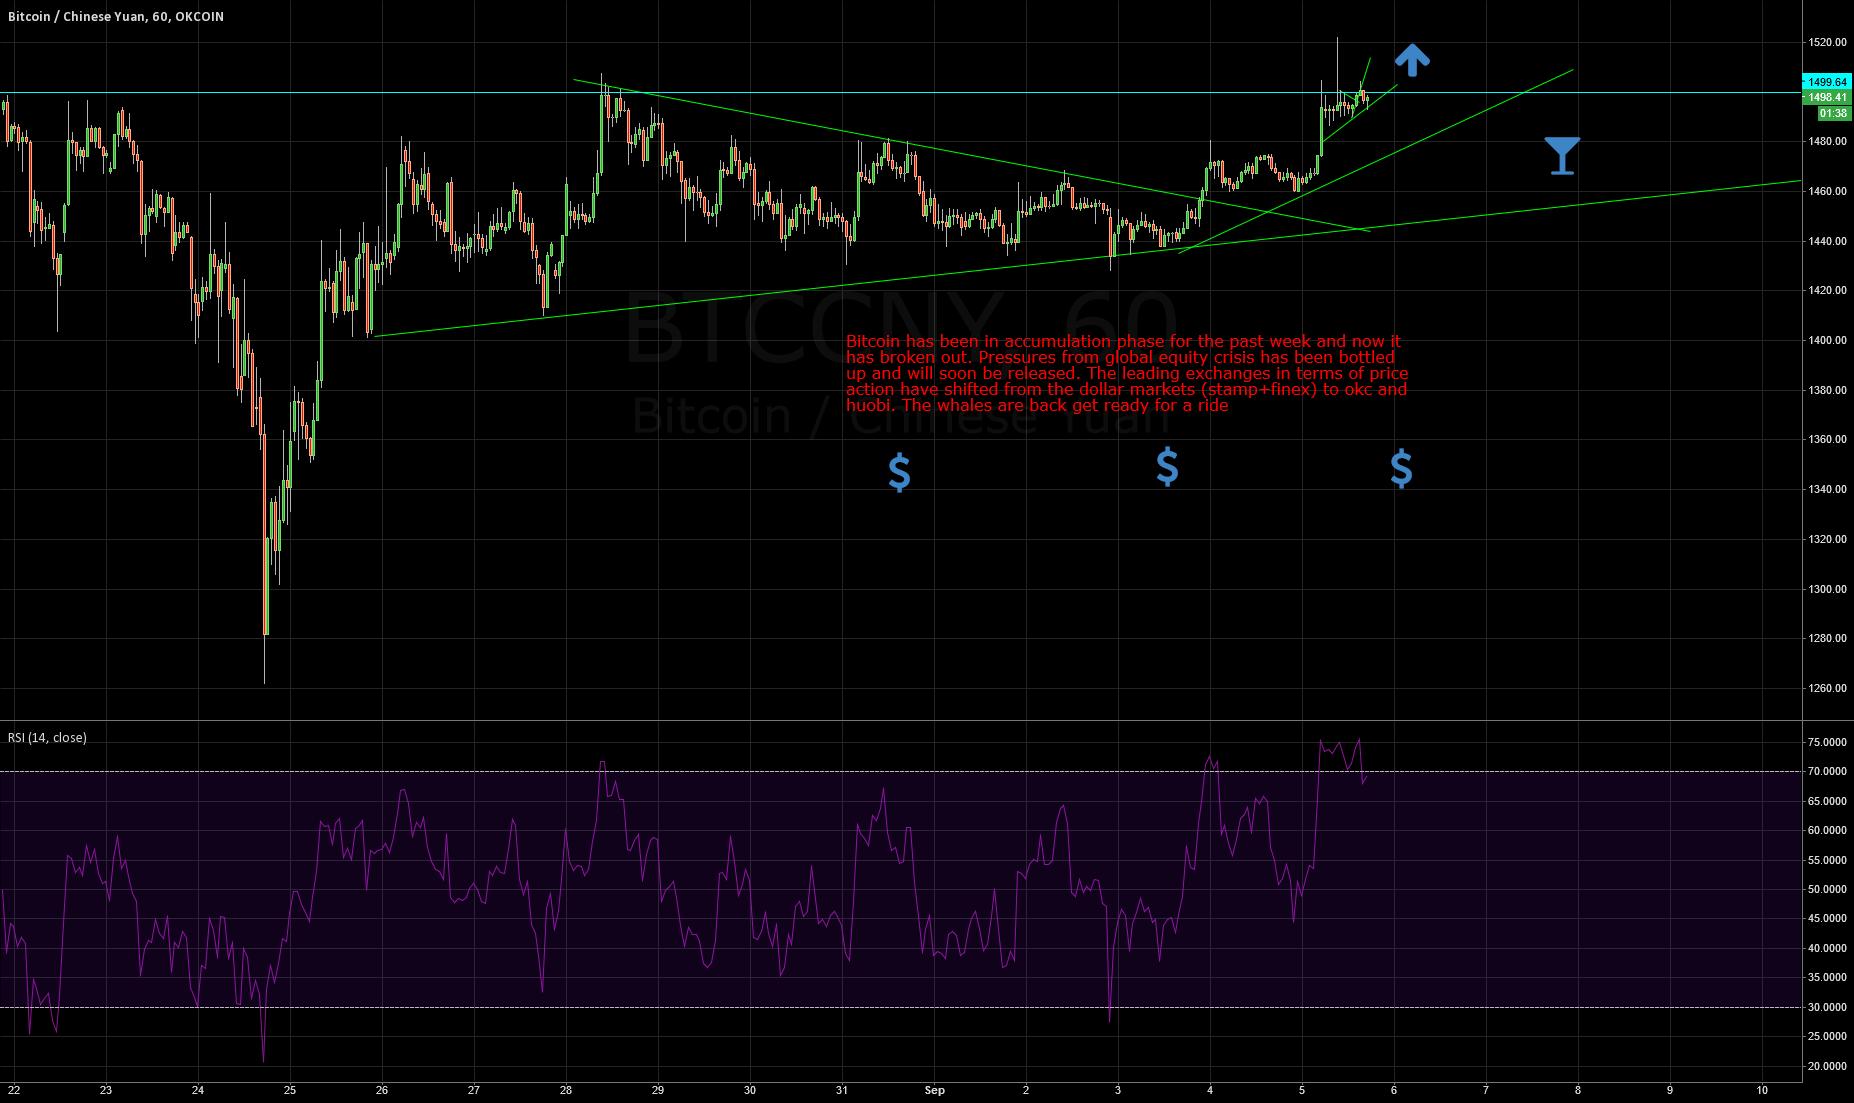 Bitcoin Pressure Bottled up too long FULL BULL